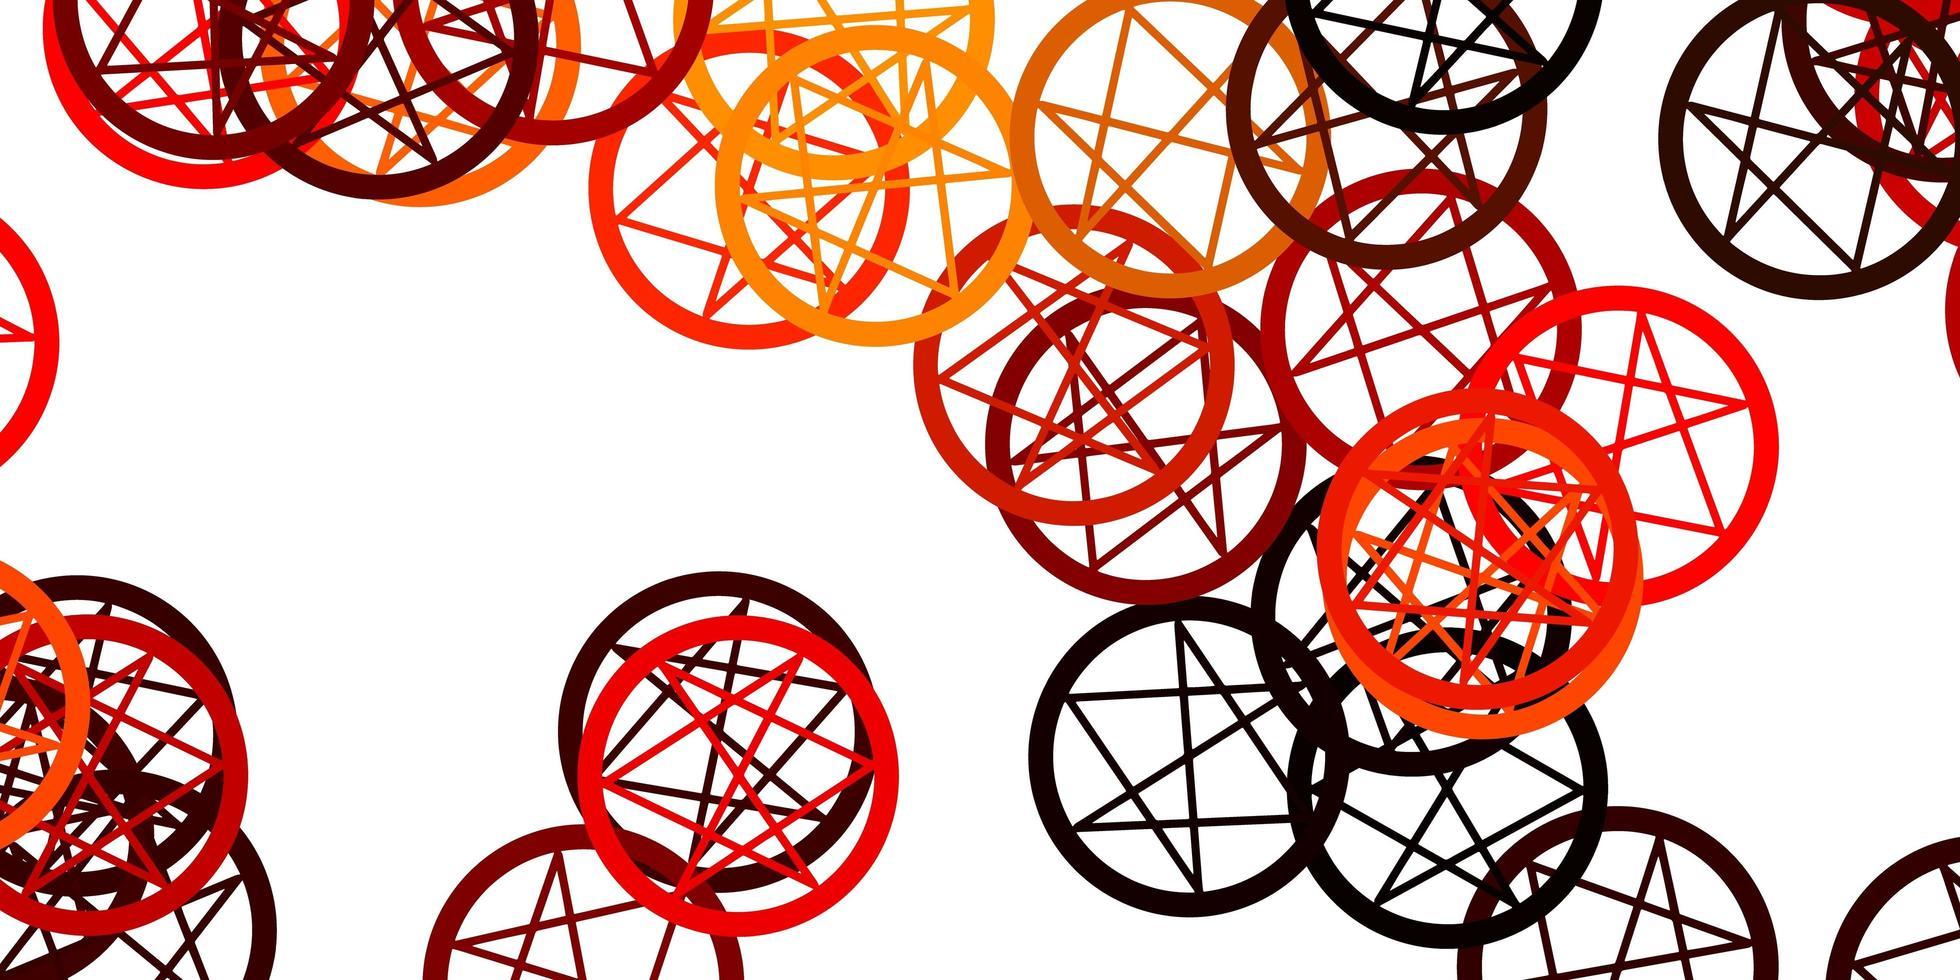 fundo vector laranja claro com símbolos ocultos.